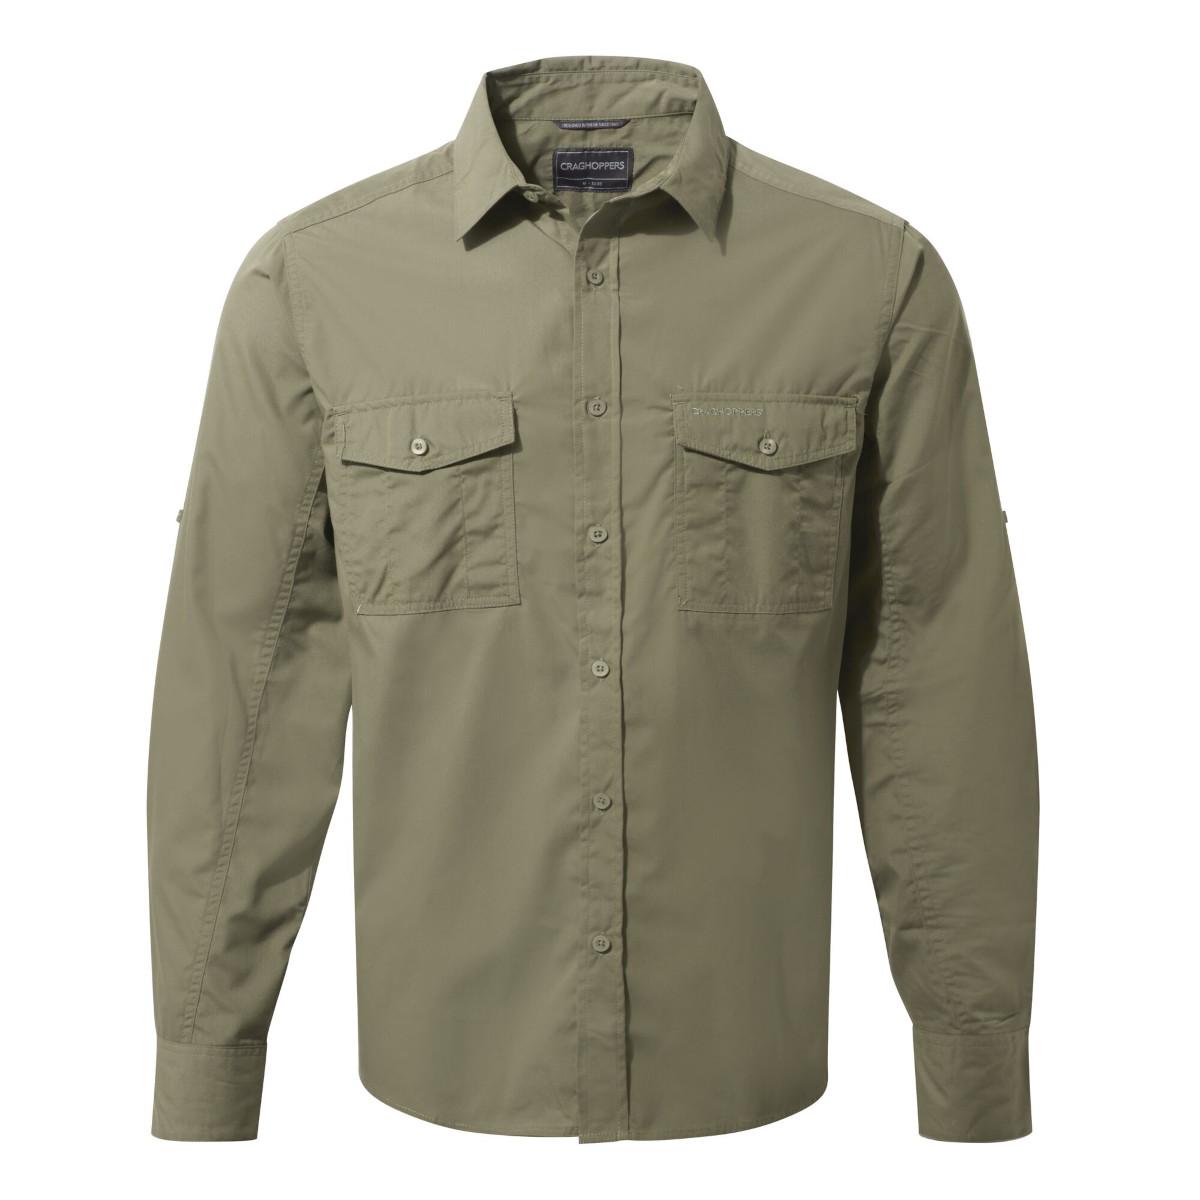 Craghoppers Kiwi Long Sleeved Shirt - Pebble